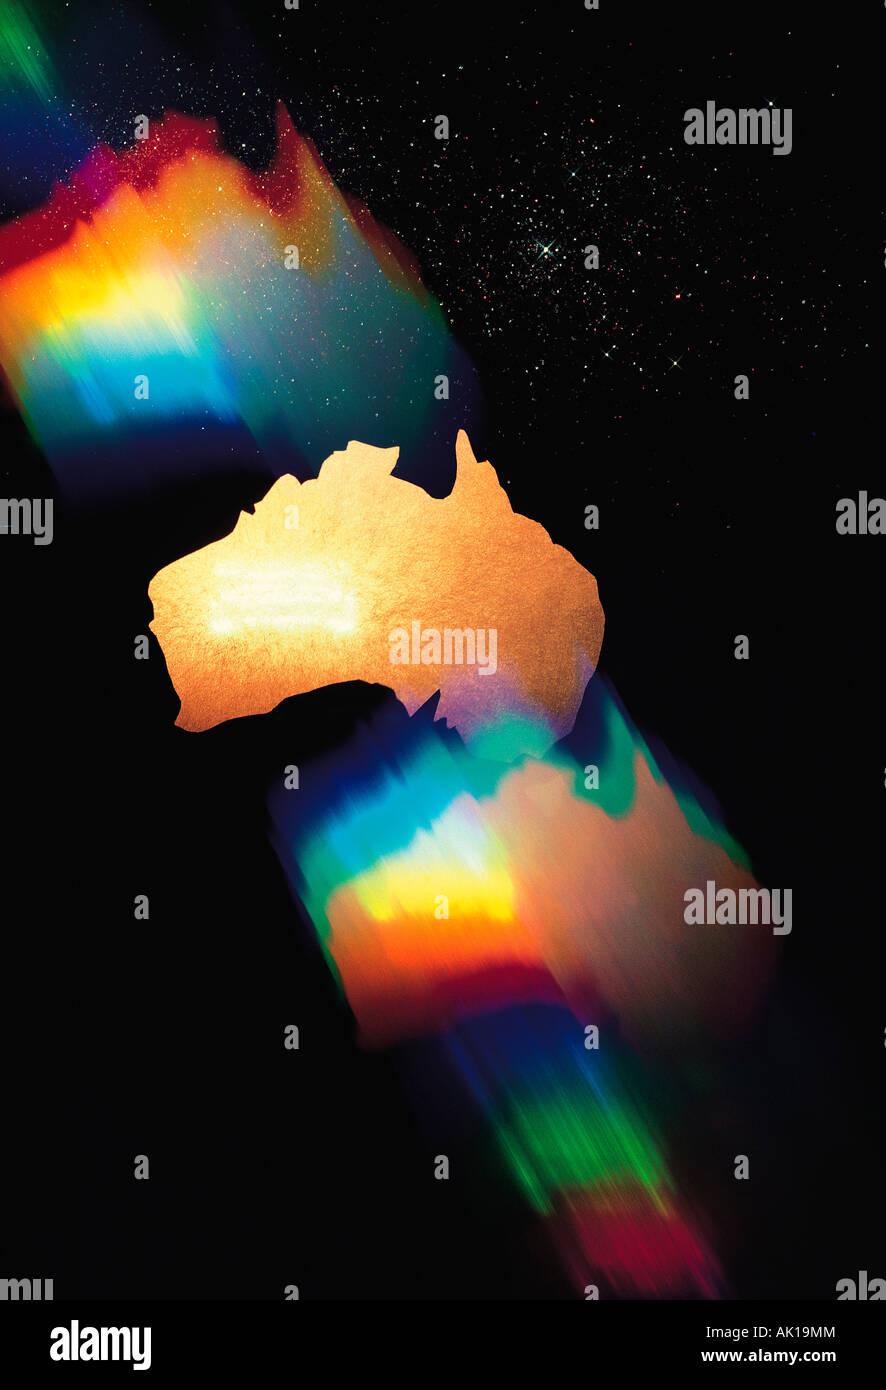 Spektrale Grafikkonzept Bild des Kontinents Australien vor schwarzem Hintergrund. Stockbild